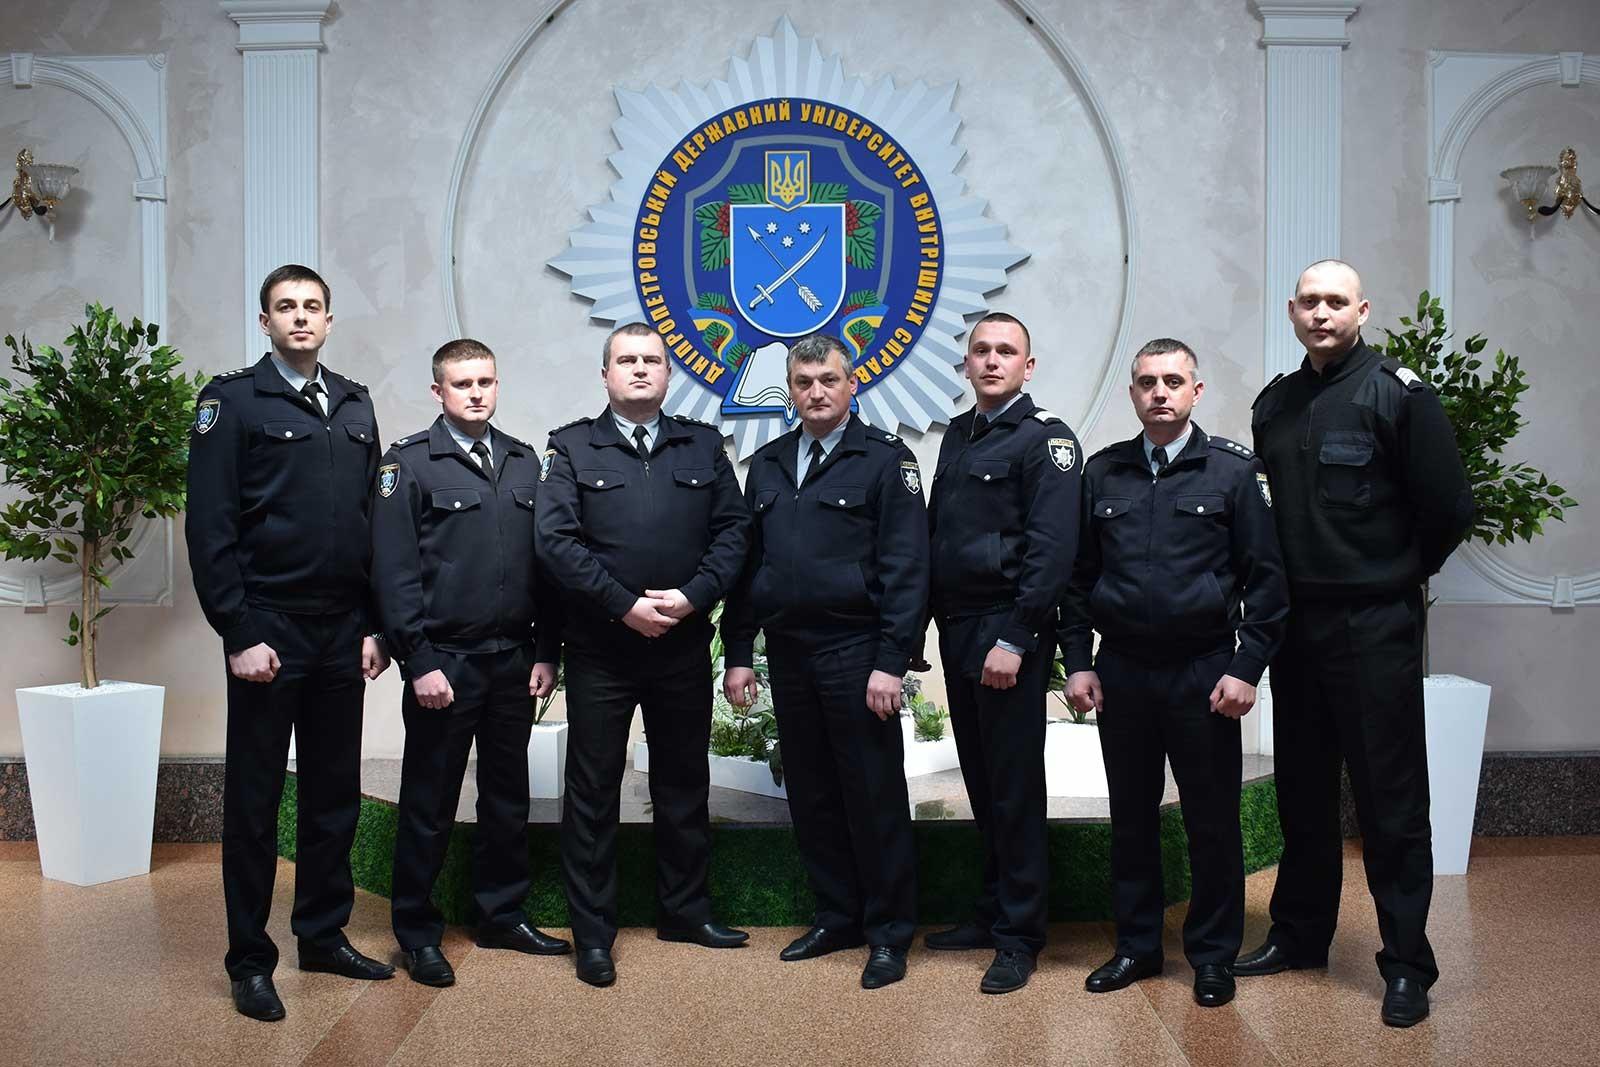 Відділ організації служби Дніпропетровського державного університету внутрішніх справ